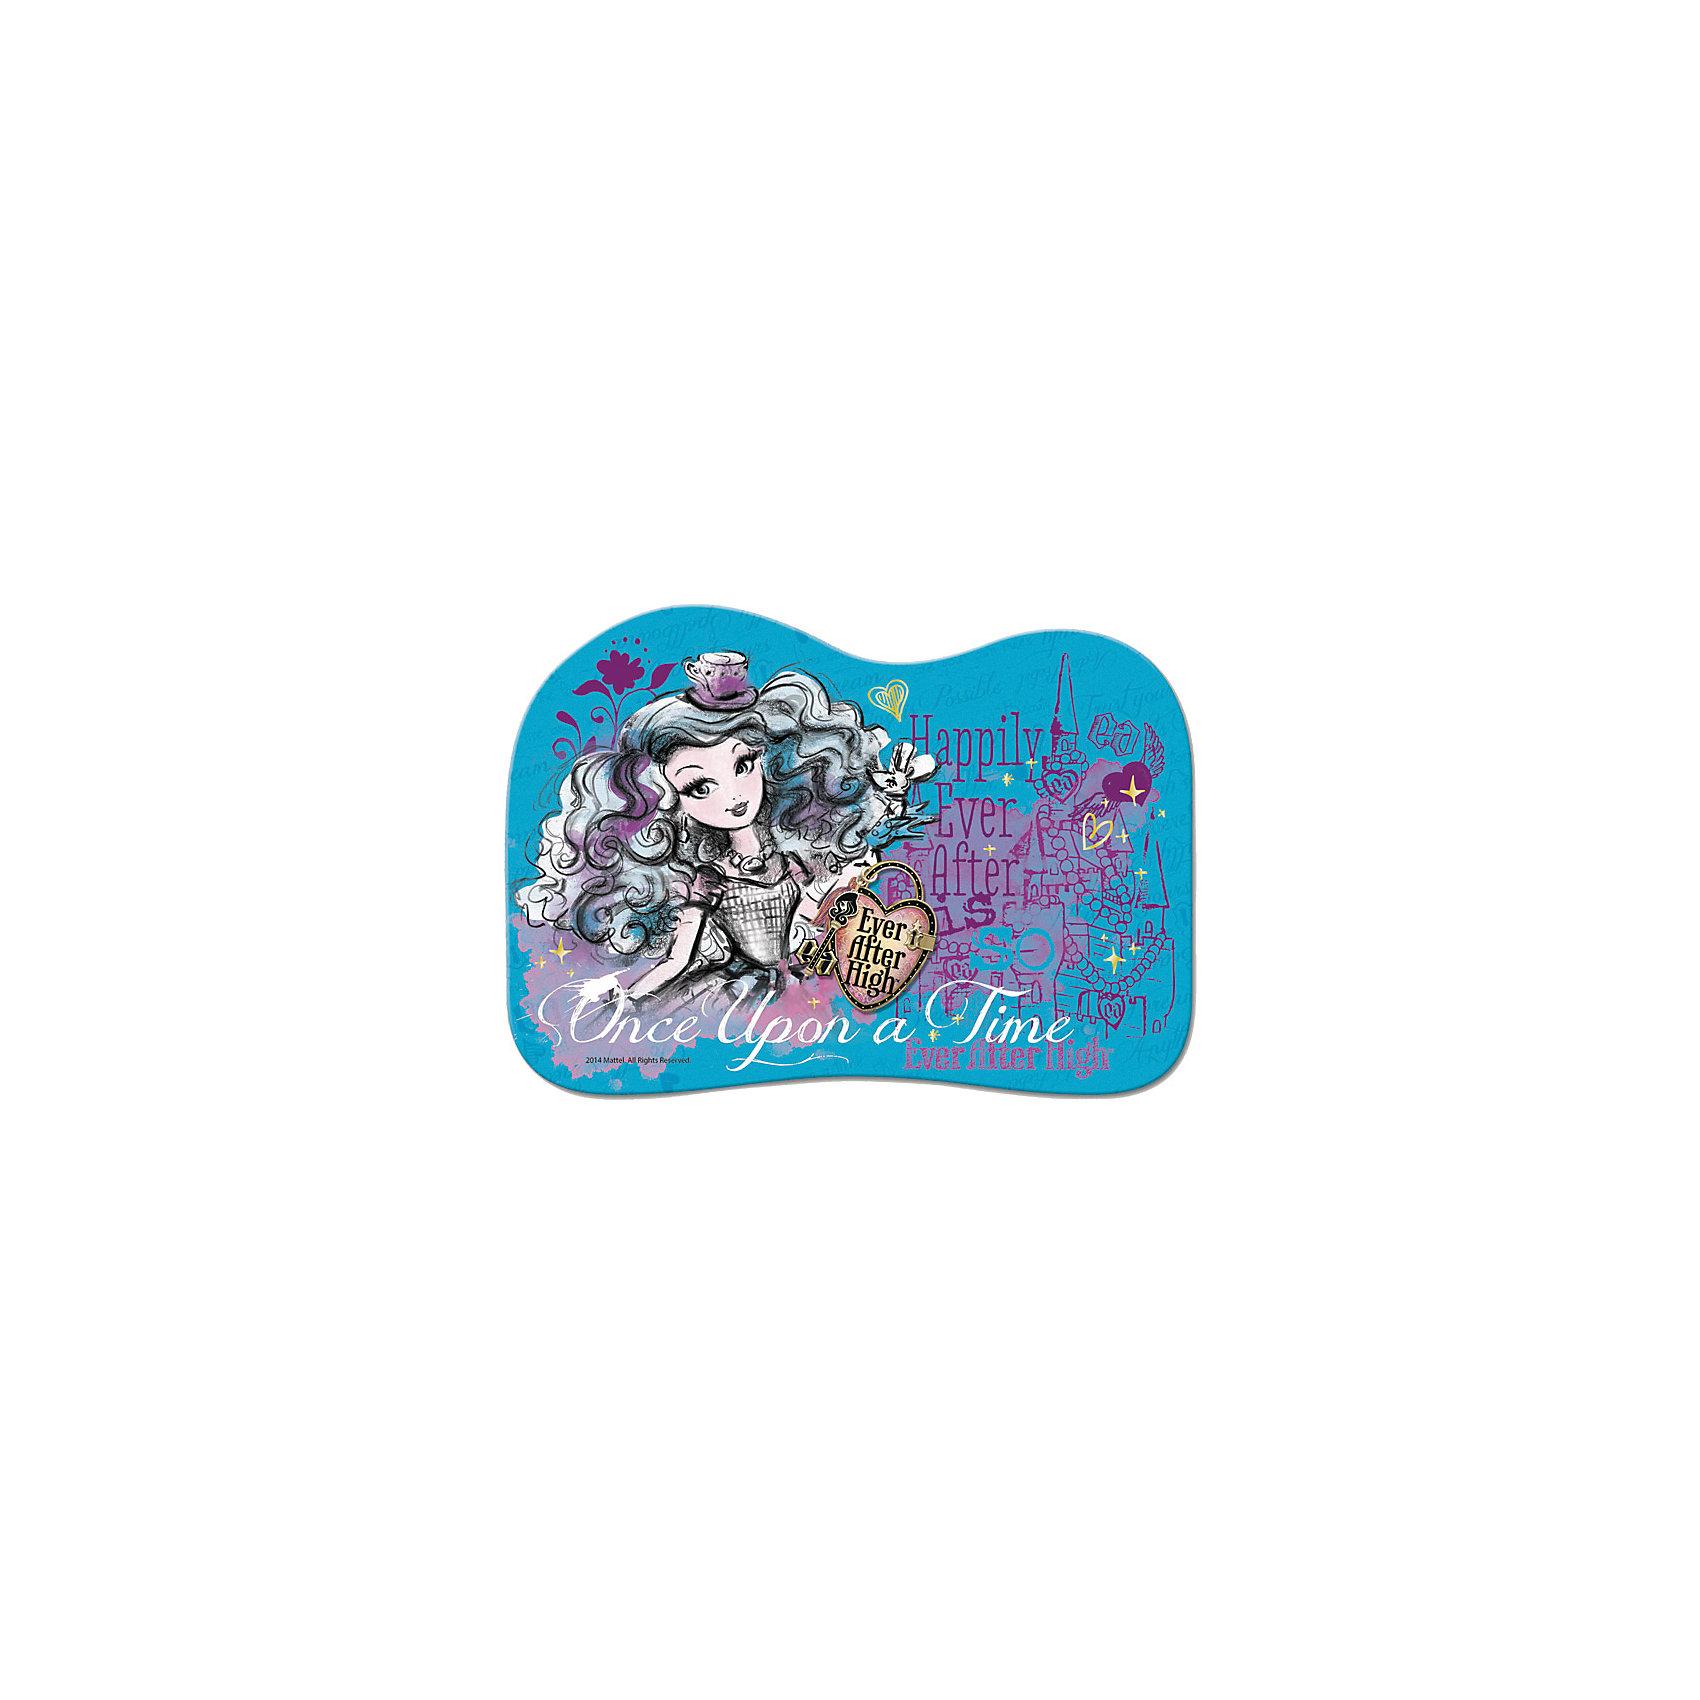 Подкладка настольная для лепки пластиковая, Ever After High, MattelФигурная настольная подкладка для лепки с трогательным лицензионным полноцветным дизайном Mattel Ever After High сделает творческий процесс приятнее для детей и родителей.<br>Выполнена из 100% полипропилена. Размер 15*21см. Сделана в Санкт-Петербурге.<br><br>Ширина мм: 210<br>Глубина мм: 10<br>Высота мм: 150<br>Вес г: 16<br>Возраст от месяцев: 48<br>Возраст до месяцев: 96<br>Пол: Женский<br>Возраст: Детский<br>SKU: 5475490